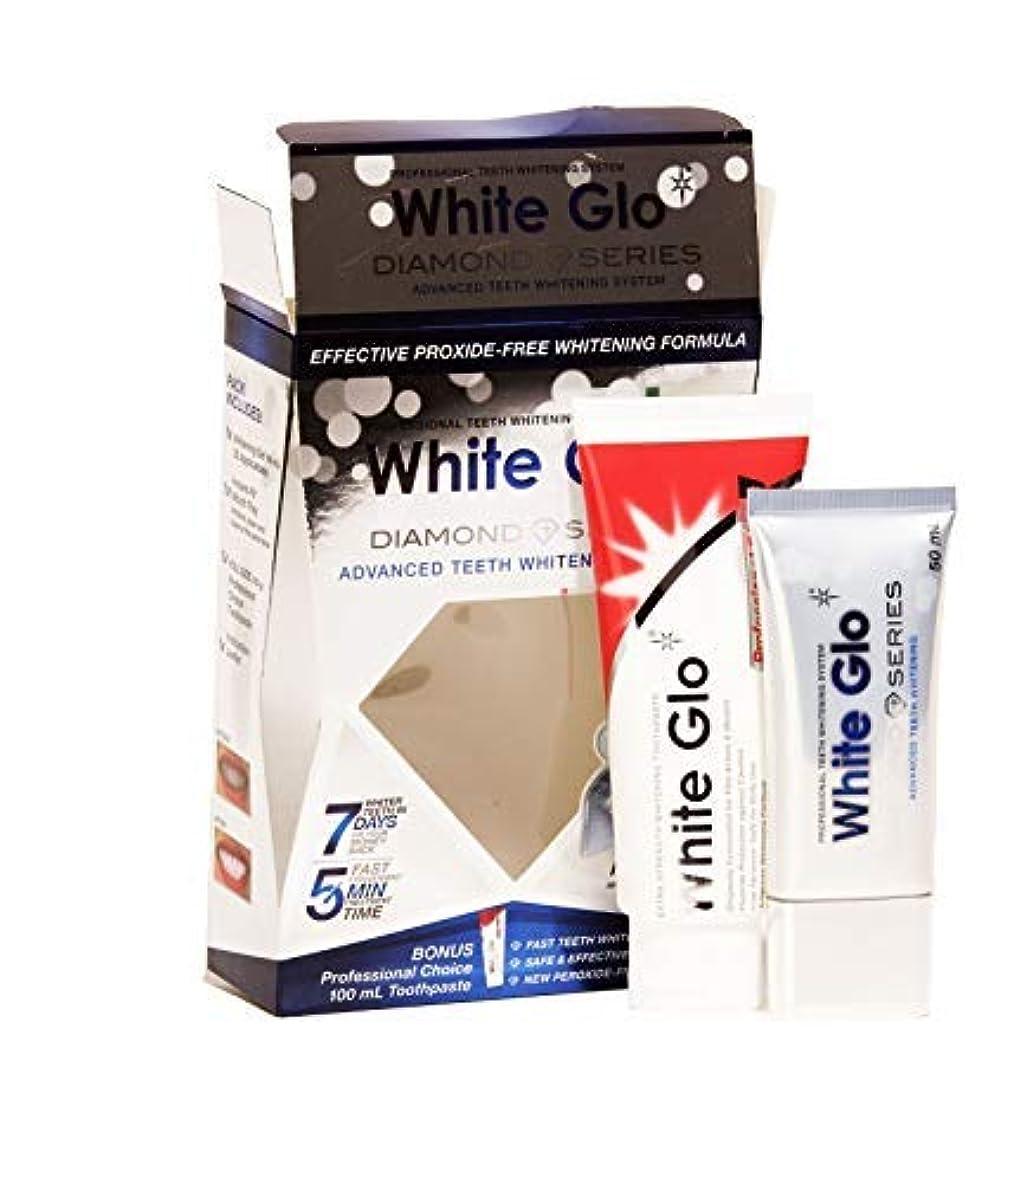 ステレオタイプ正確に識字Teeth Whitening Systems White Glo White Glo Diamond Series Bleaching Set Gel & Paste 50ml + 100ml Australia /...